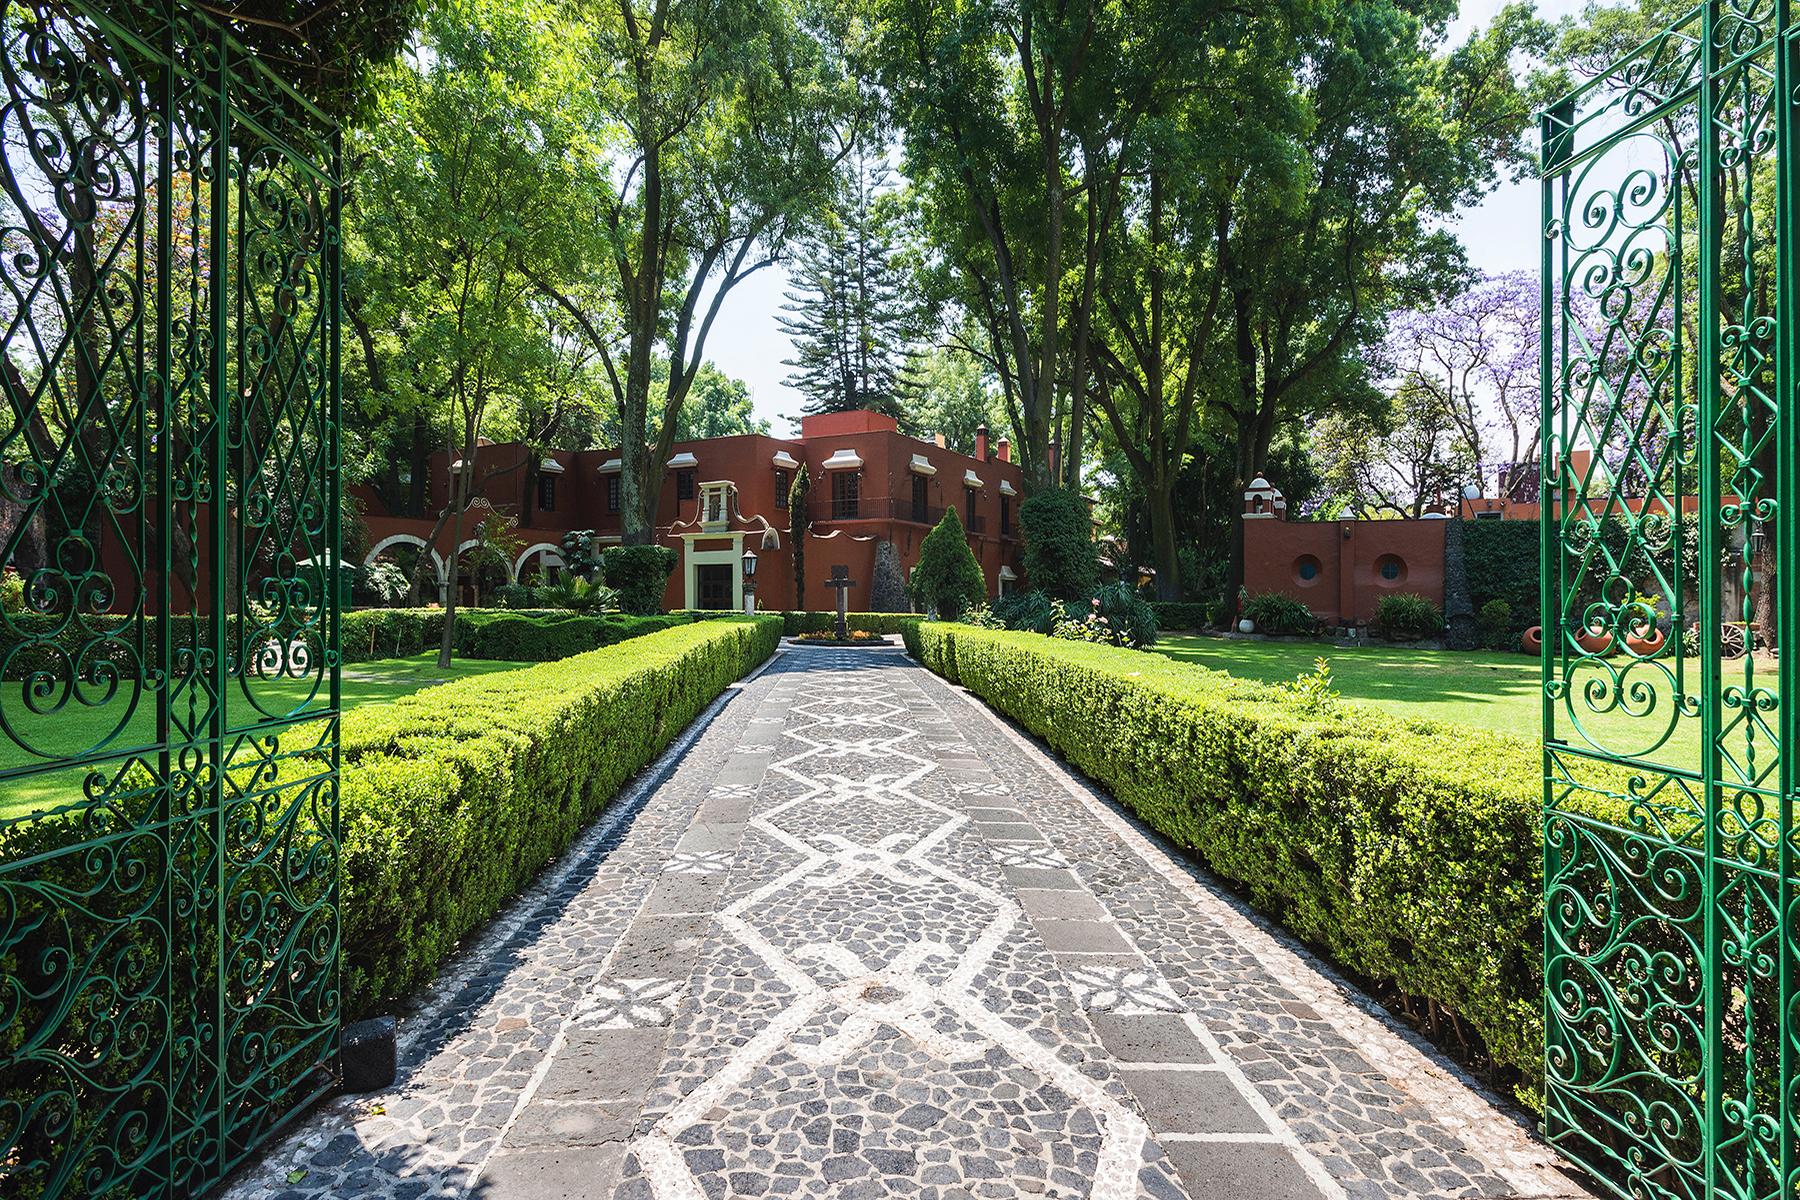 Hacienda / Estancia for Sale at Ex-Hacienda de San Pedro Martir, Coyoacán Mexico City, Ciudad de Mexico 04100 Mexico